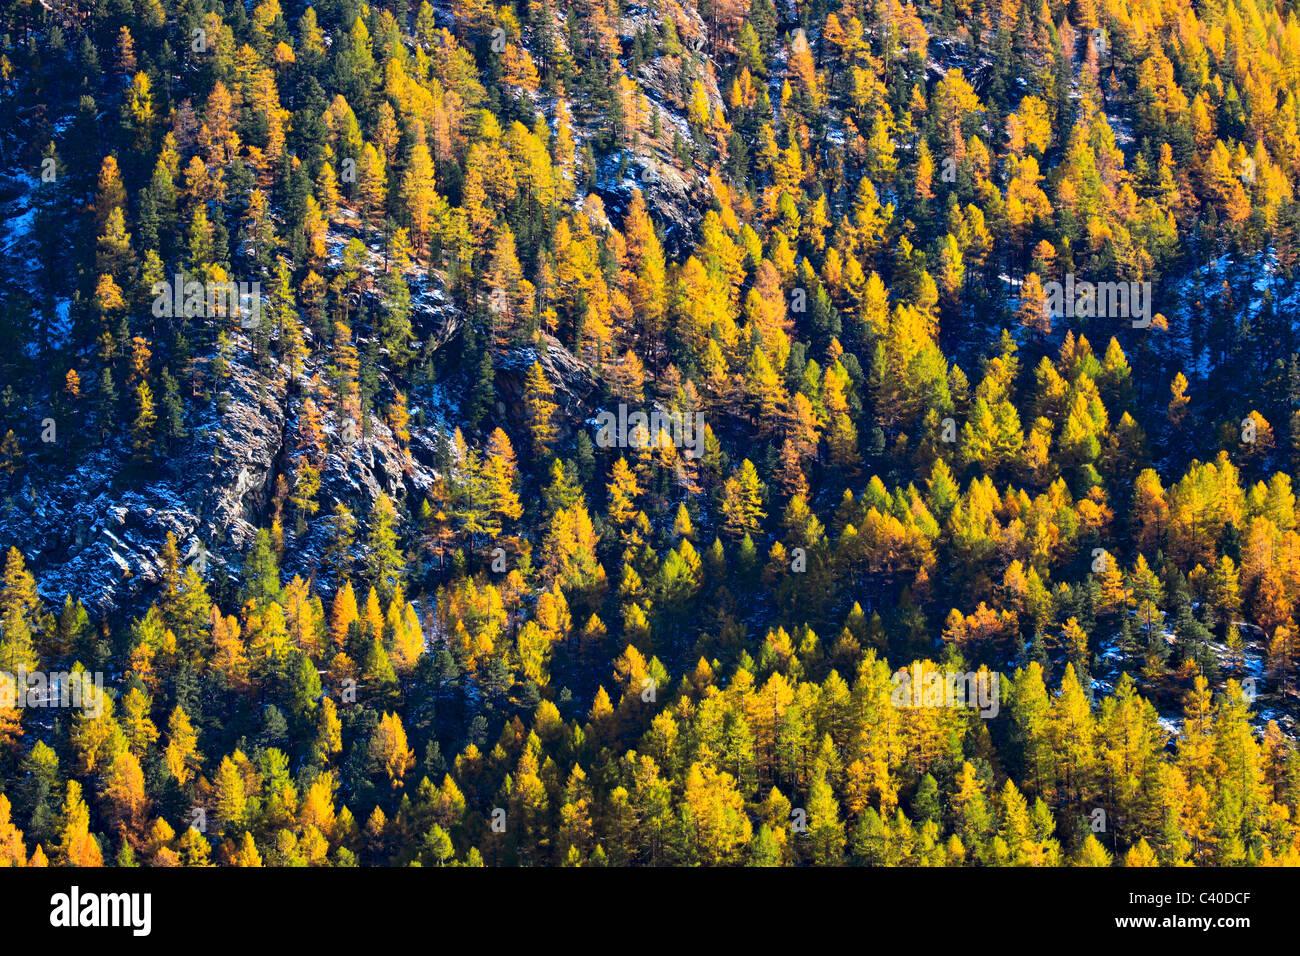 Alpen Schneiden Teil Baum Berg Berge Pflanzen Baume Detail